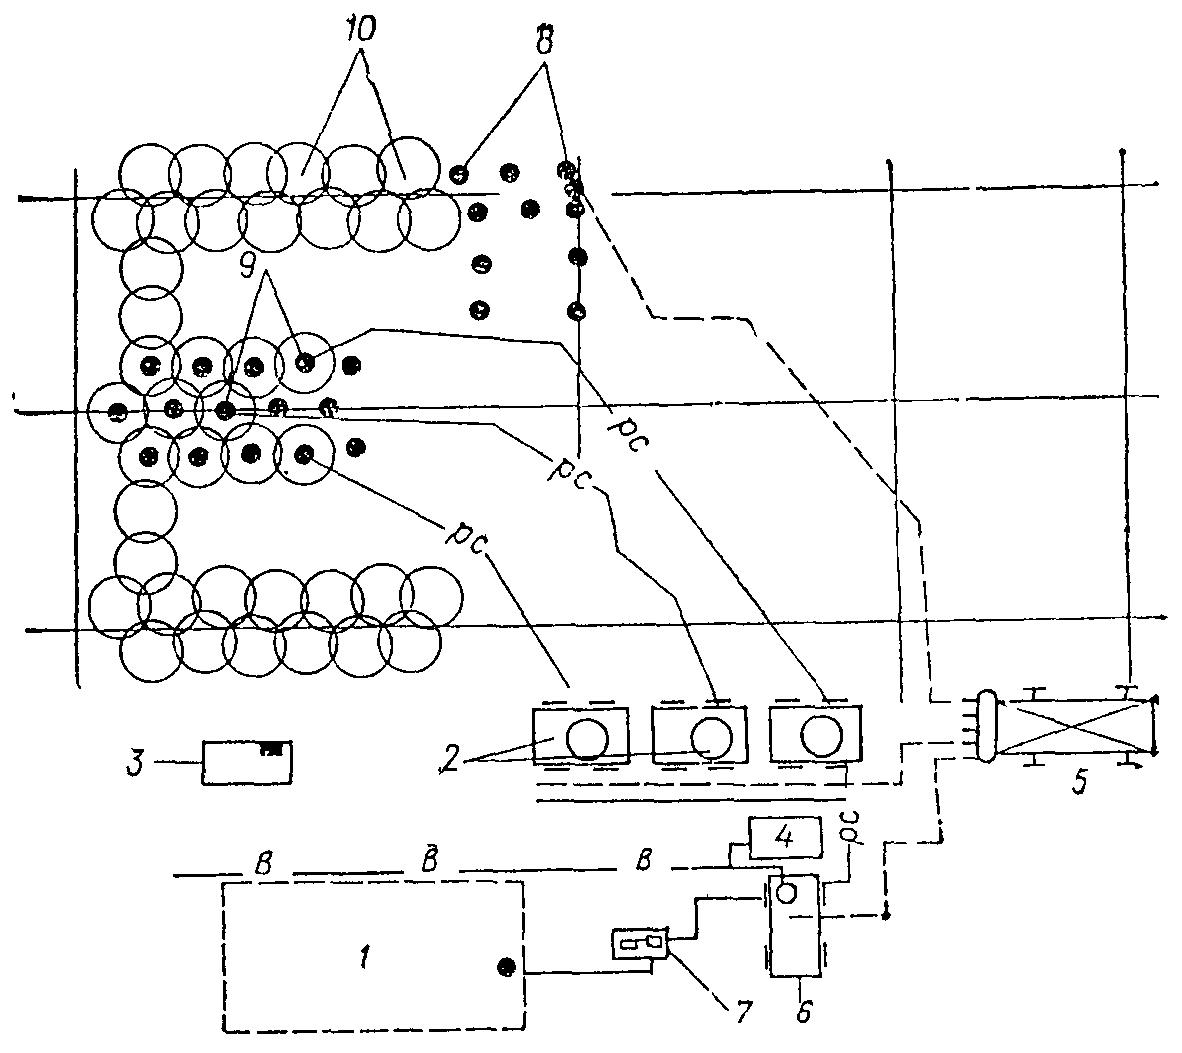 Монтаж винтовых свай (требования и допуски по нормам)